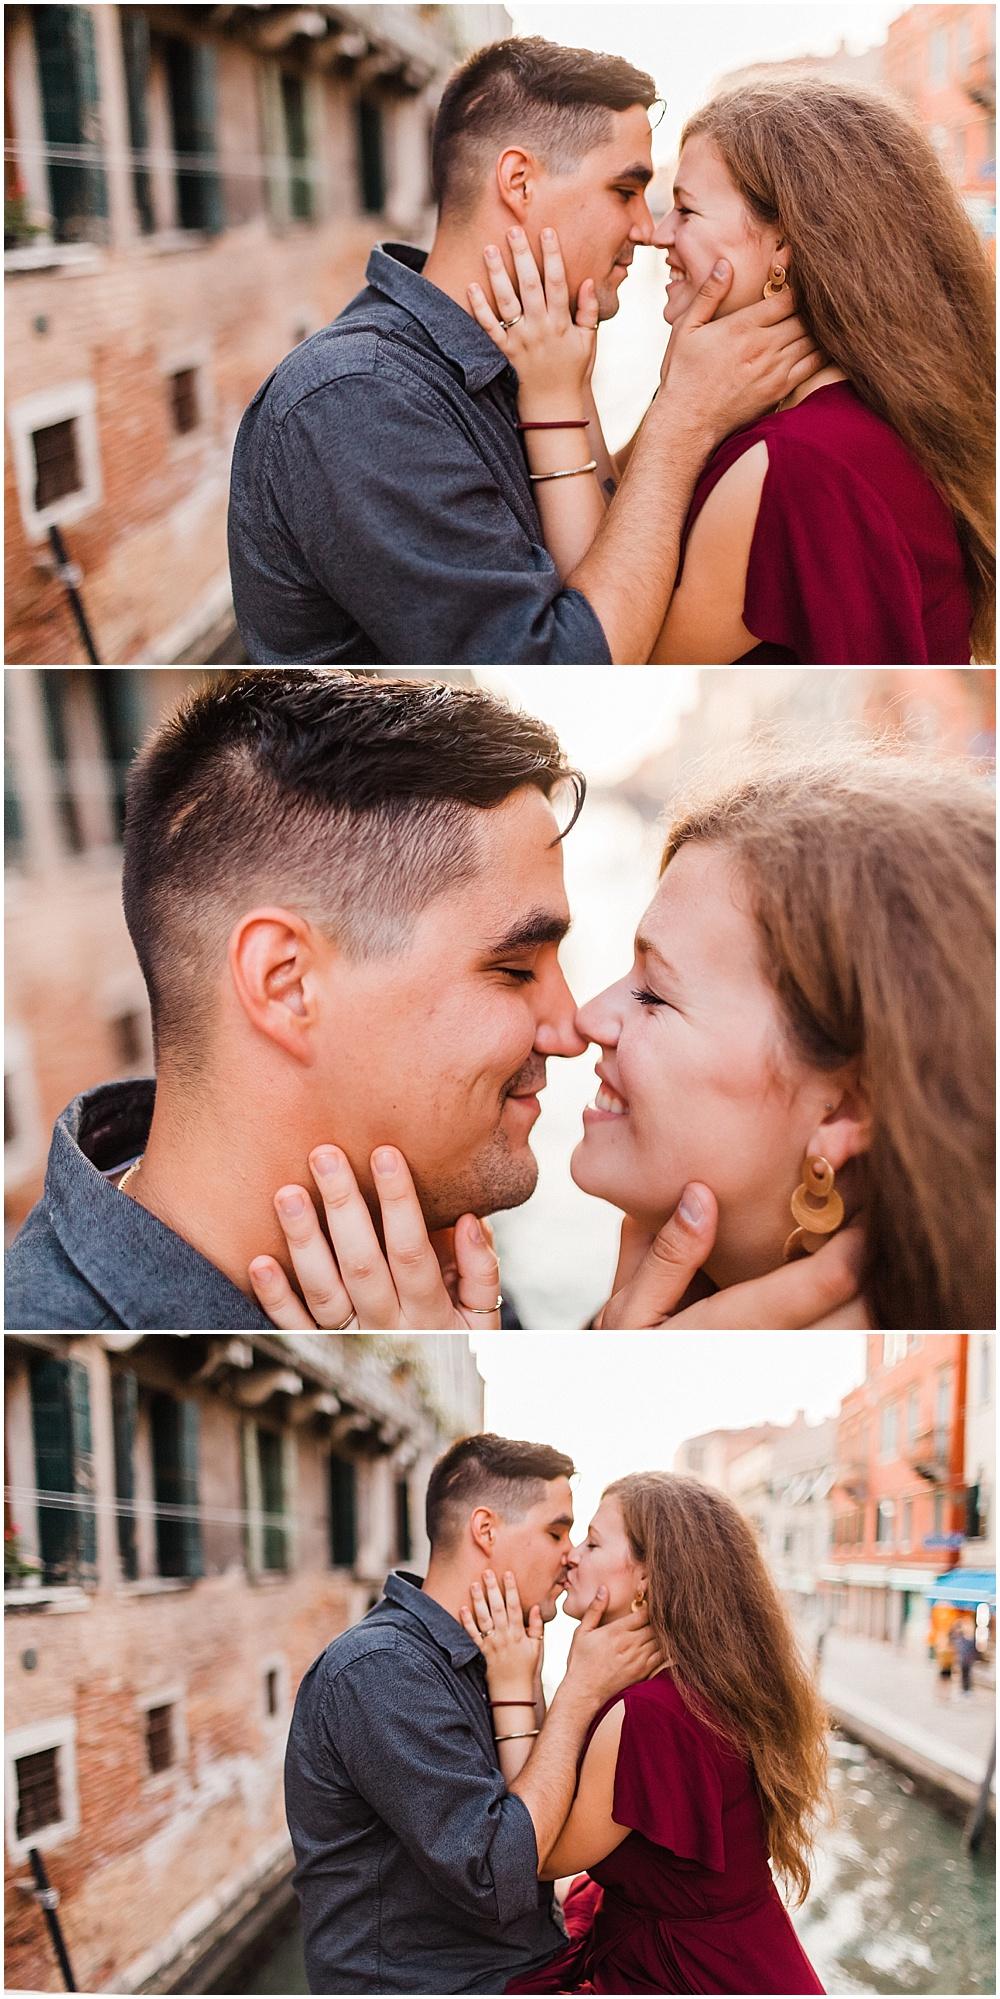 venice-italy-wedding-photograher-stefano-degirmenci_0536.jpg